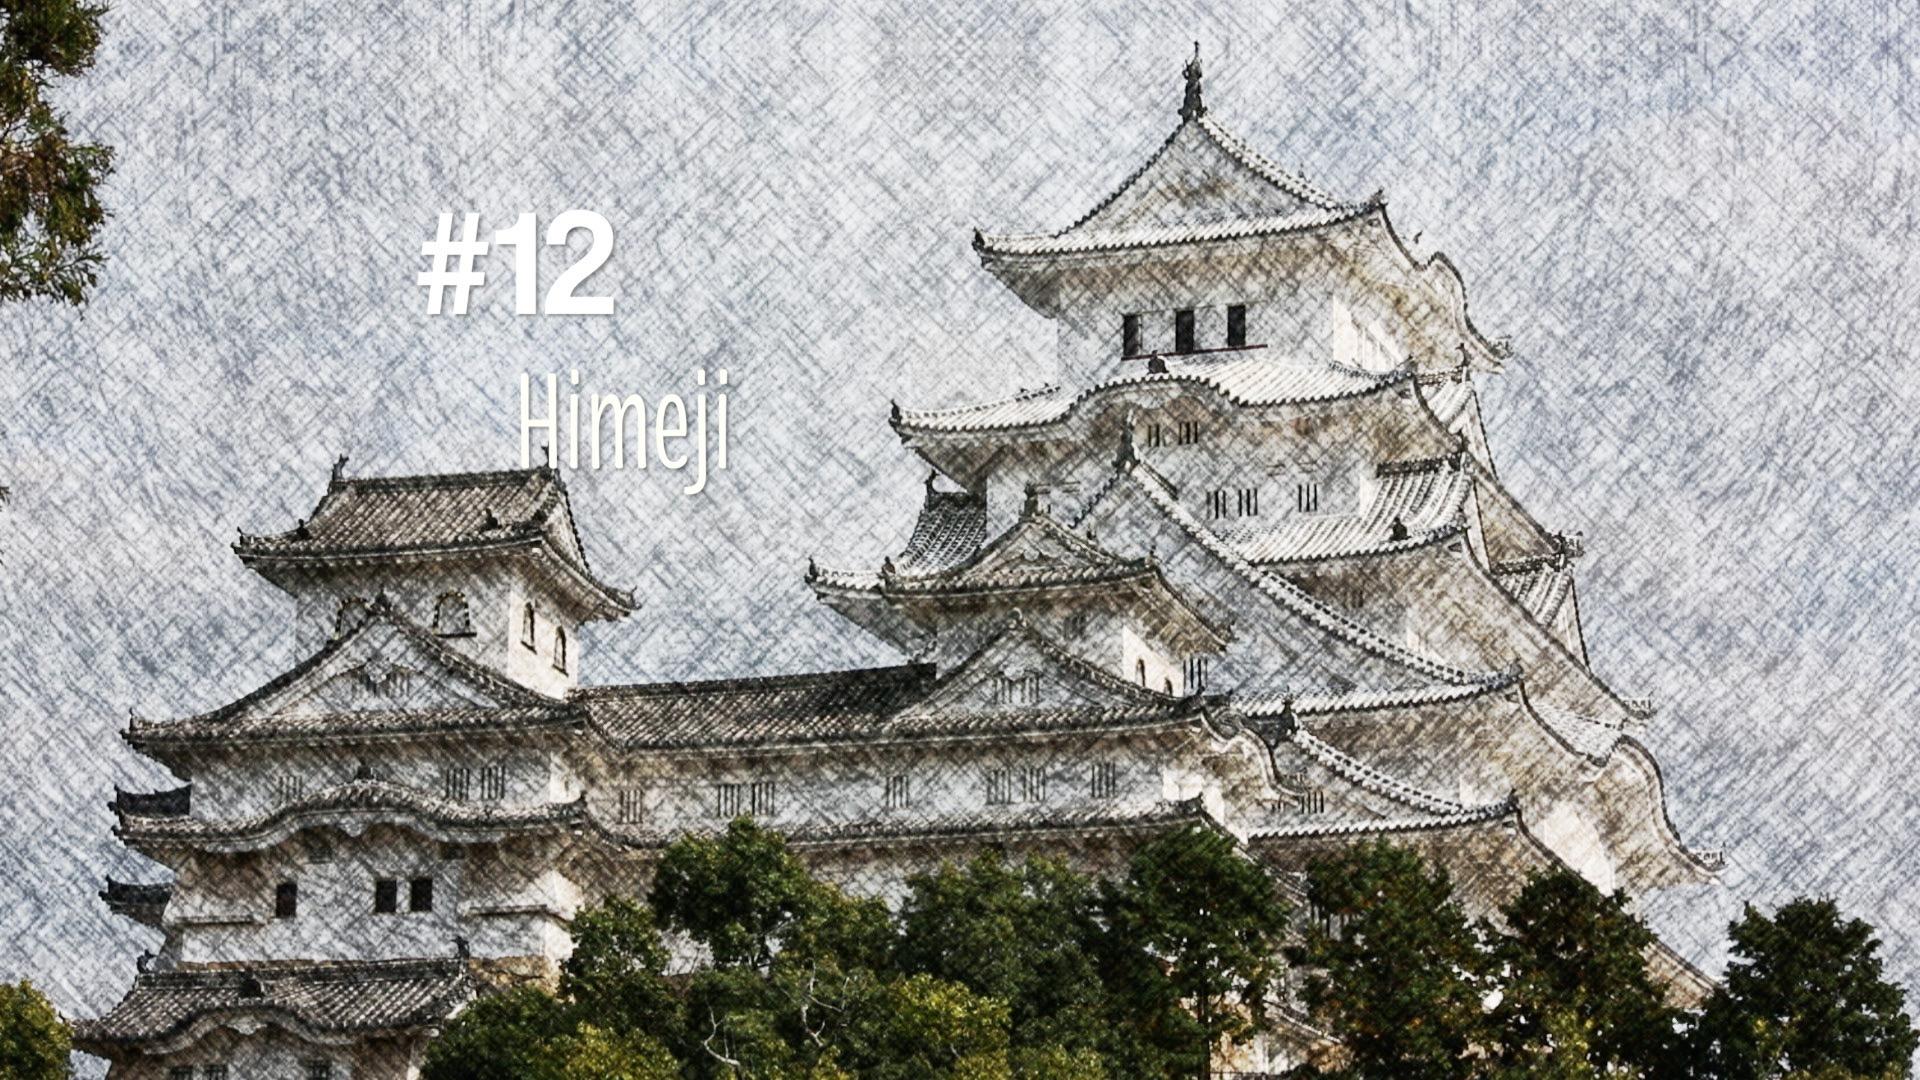 Le célèbre château d'Himeji au Japon (#12)